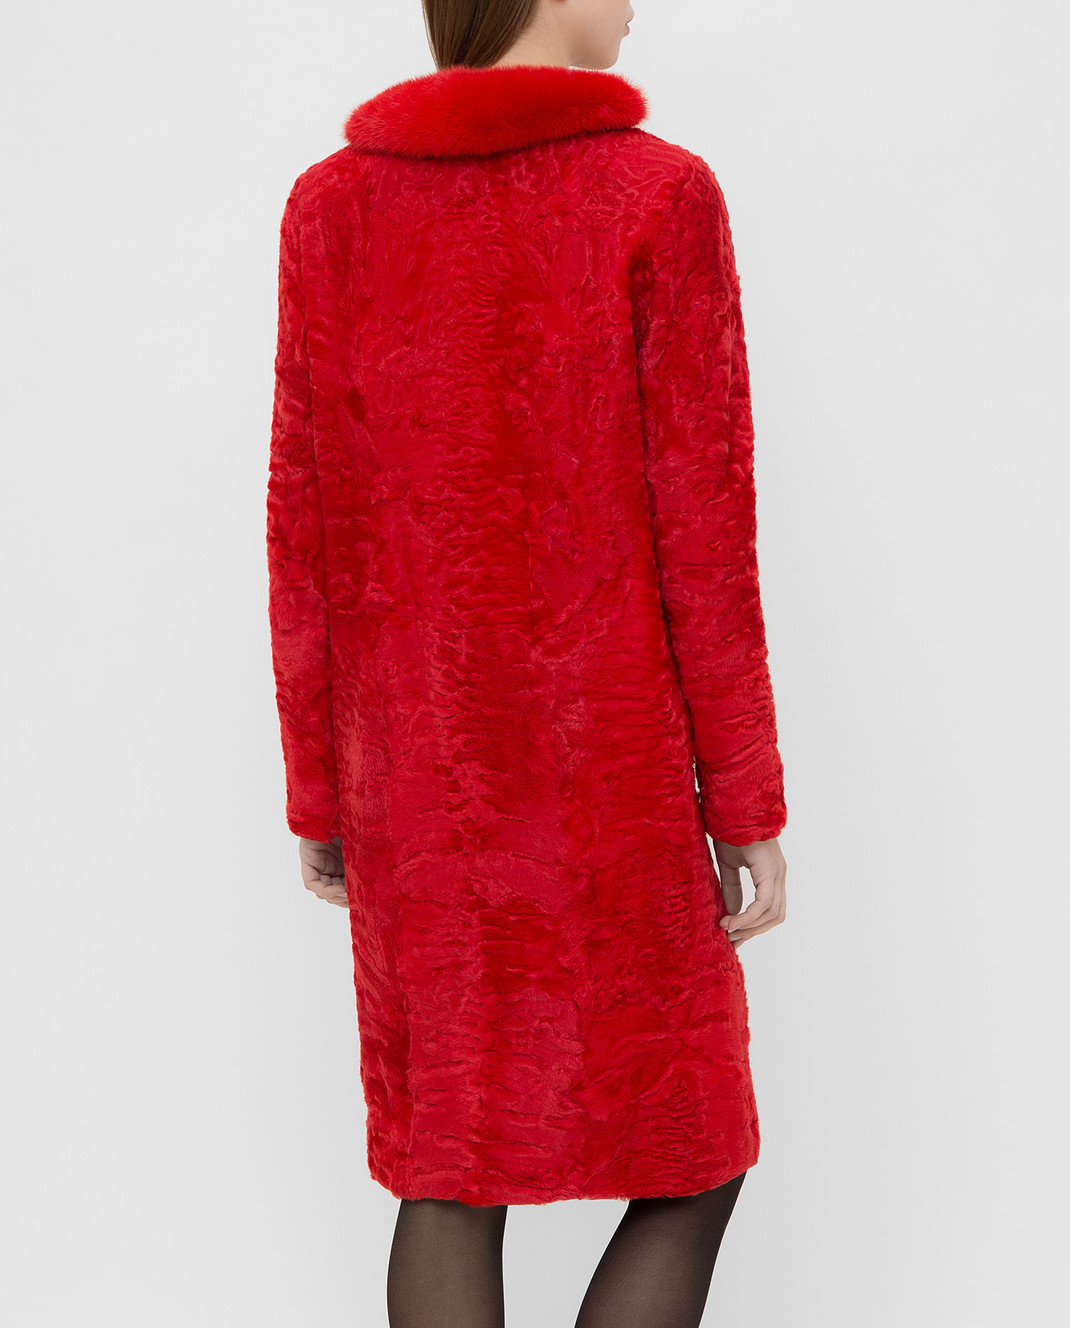 Giambattista Valli Красная шуба из персидского ягненка с воротником из меха норки GBE45A00CPP0365 изображение 4